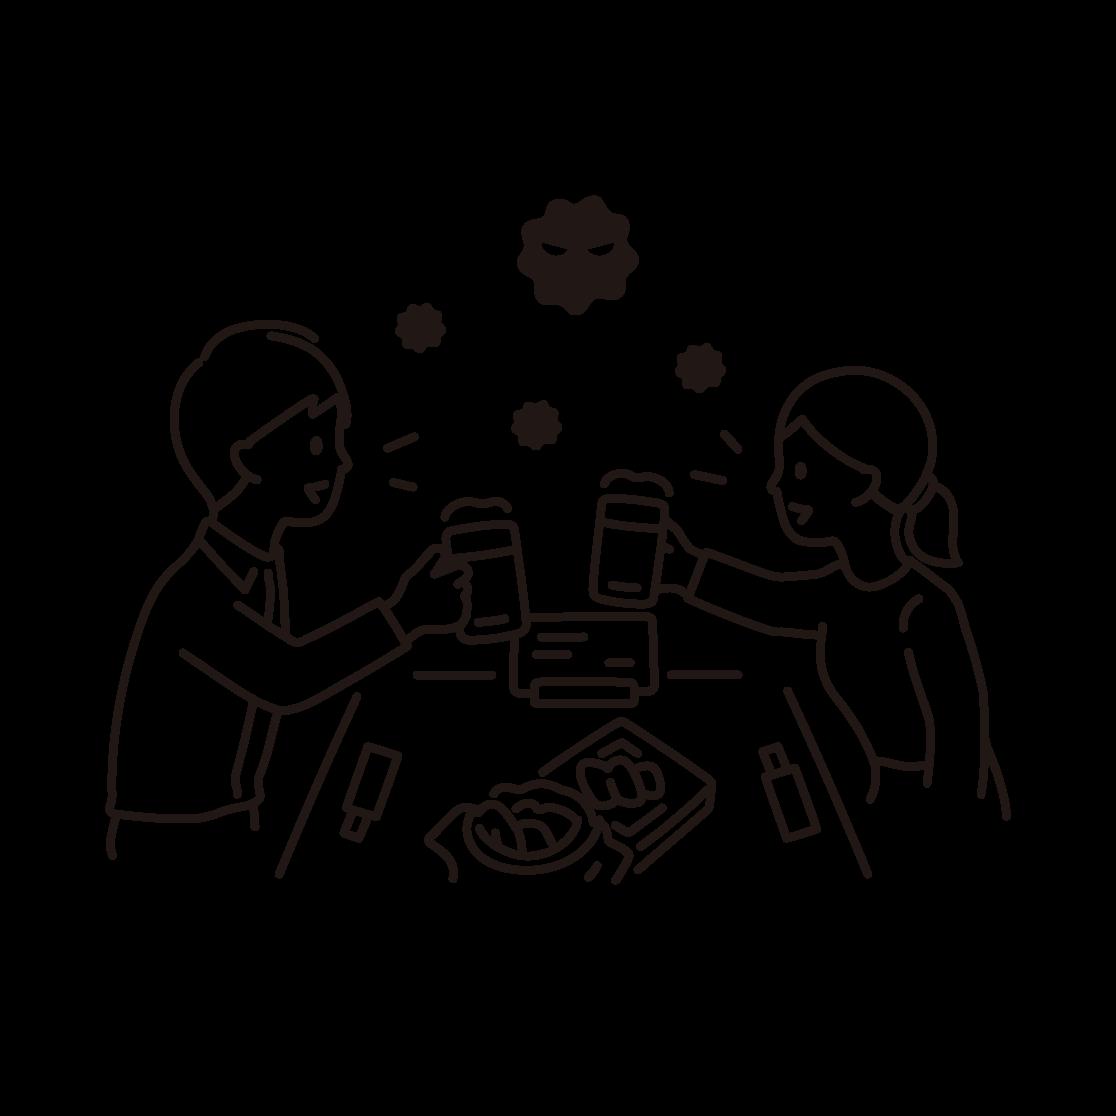 飲食(飛沫)の線画イラスト